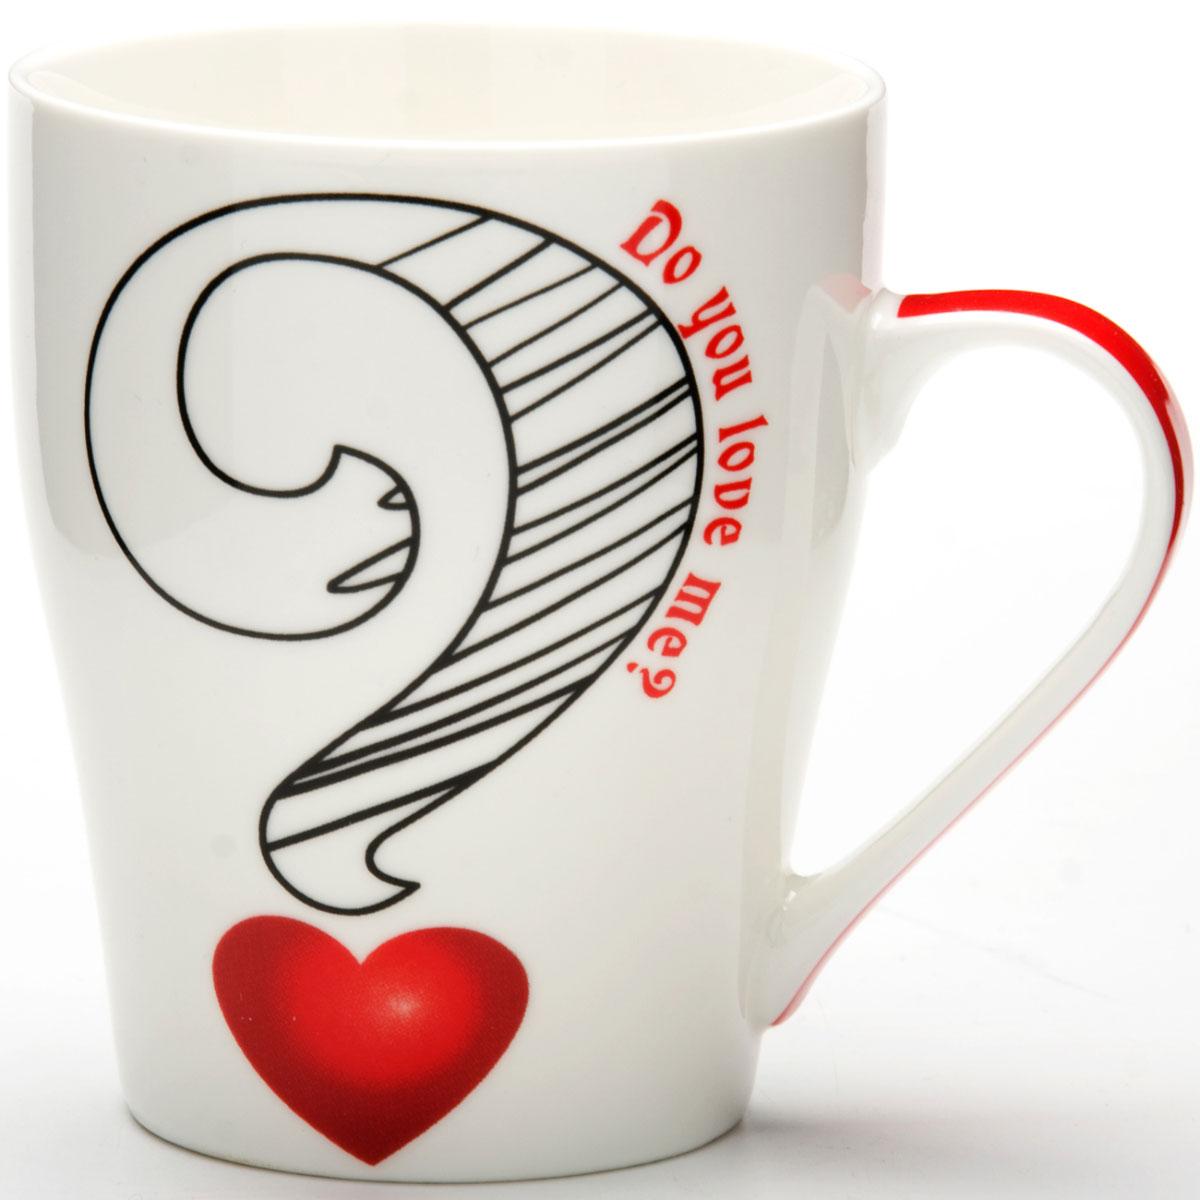 Кружка Loraine I Love You, 340 мл. 2446324463Кружка изготовлена из высококачественного костяного фарфора и оформлена стильным рисунком. Изящный дизайн придется по вкусу и ценителям классики, и тем, кто предпочитает утонченность и изысканность. Объем кружки: 340 мл.Высота кружки: 11 см.